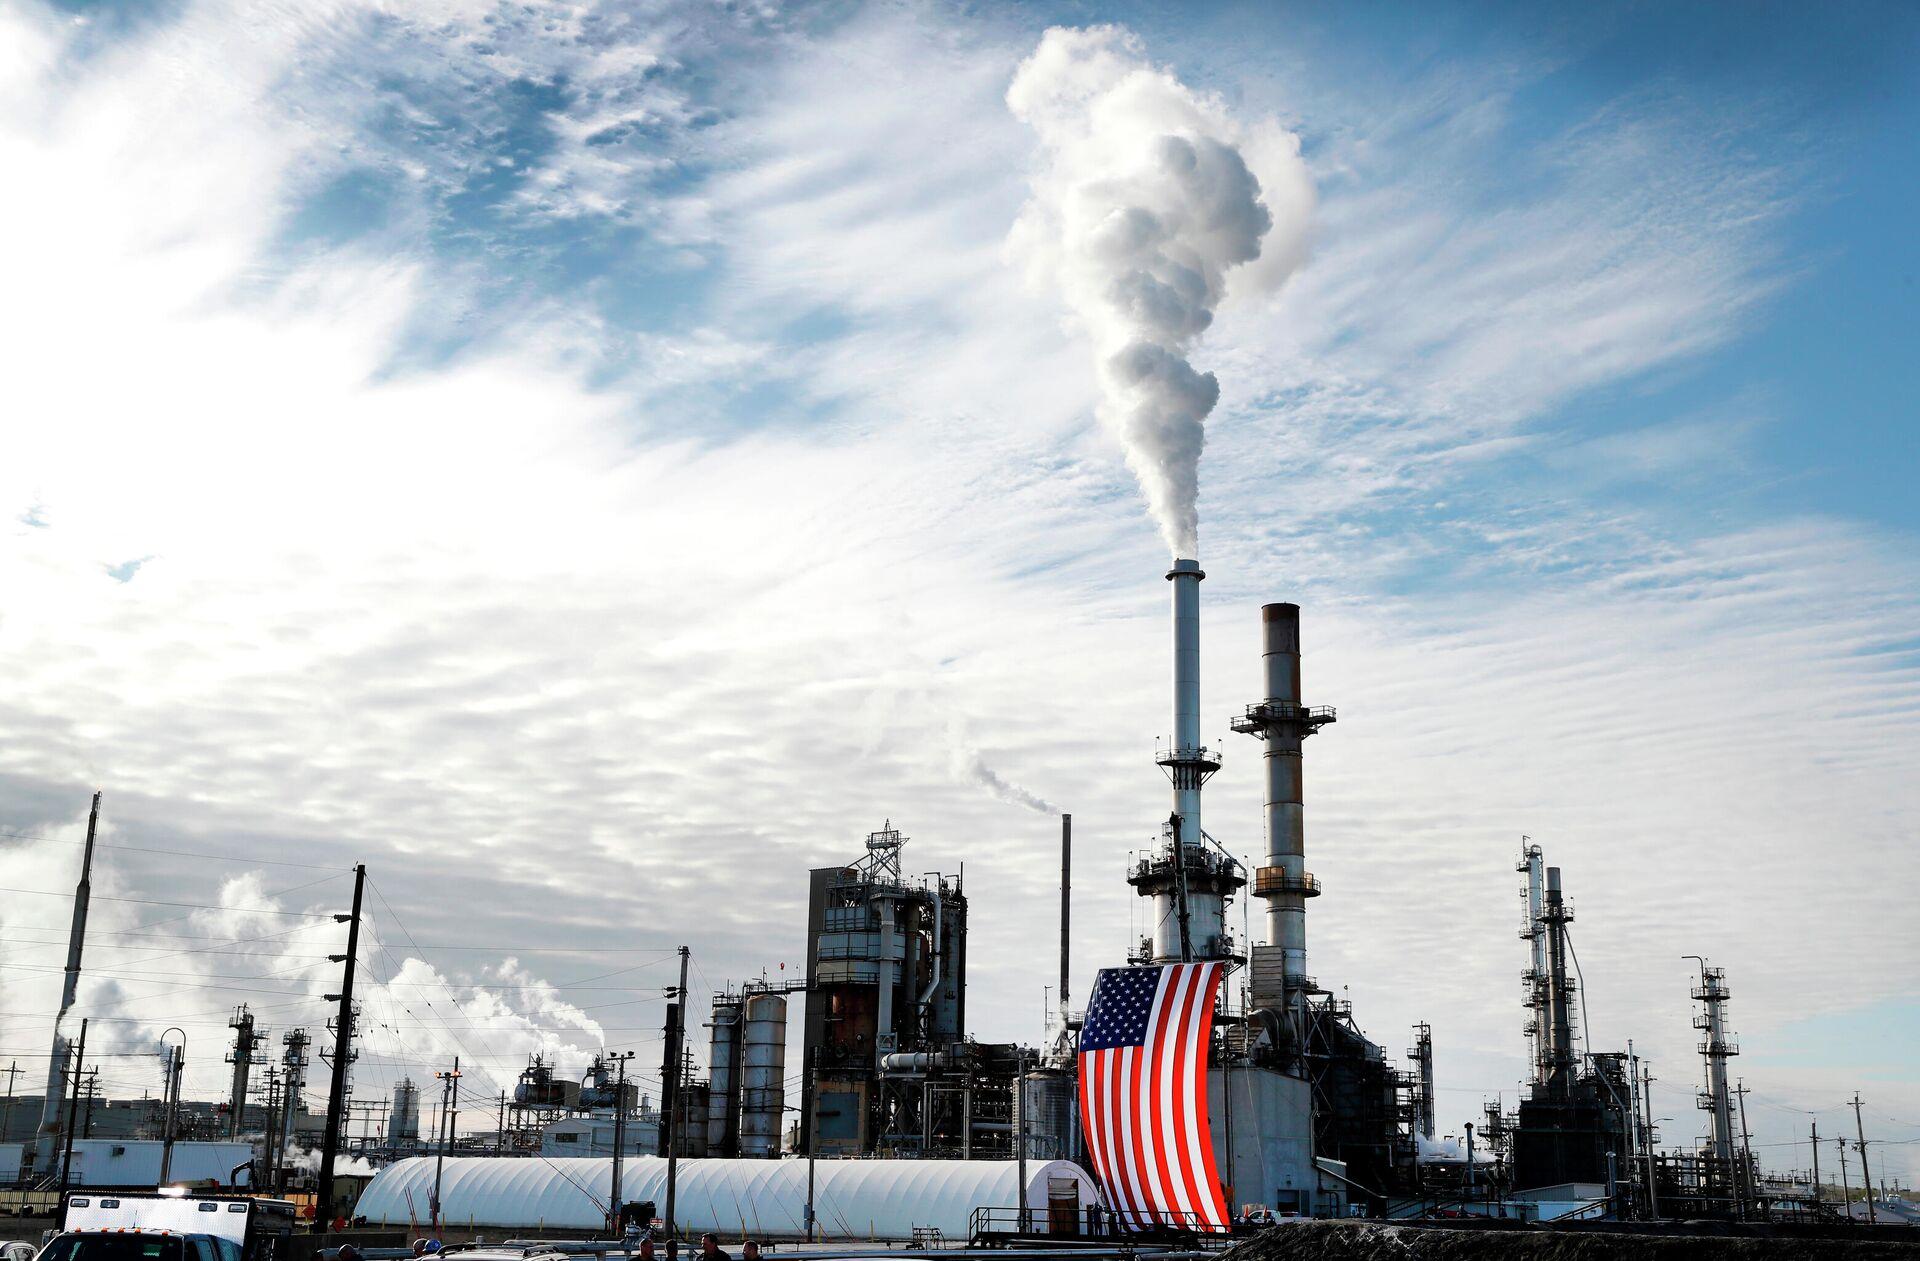 Нефтеперерабатывающий завод в США - РИА Новости, 1920, 04.08.2021